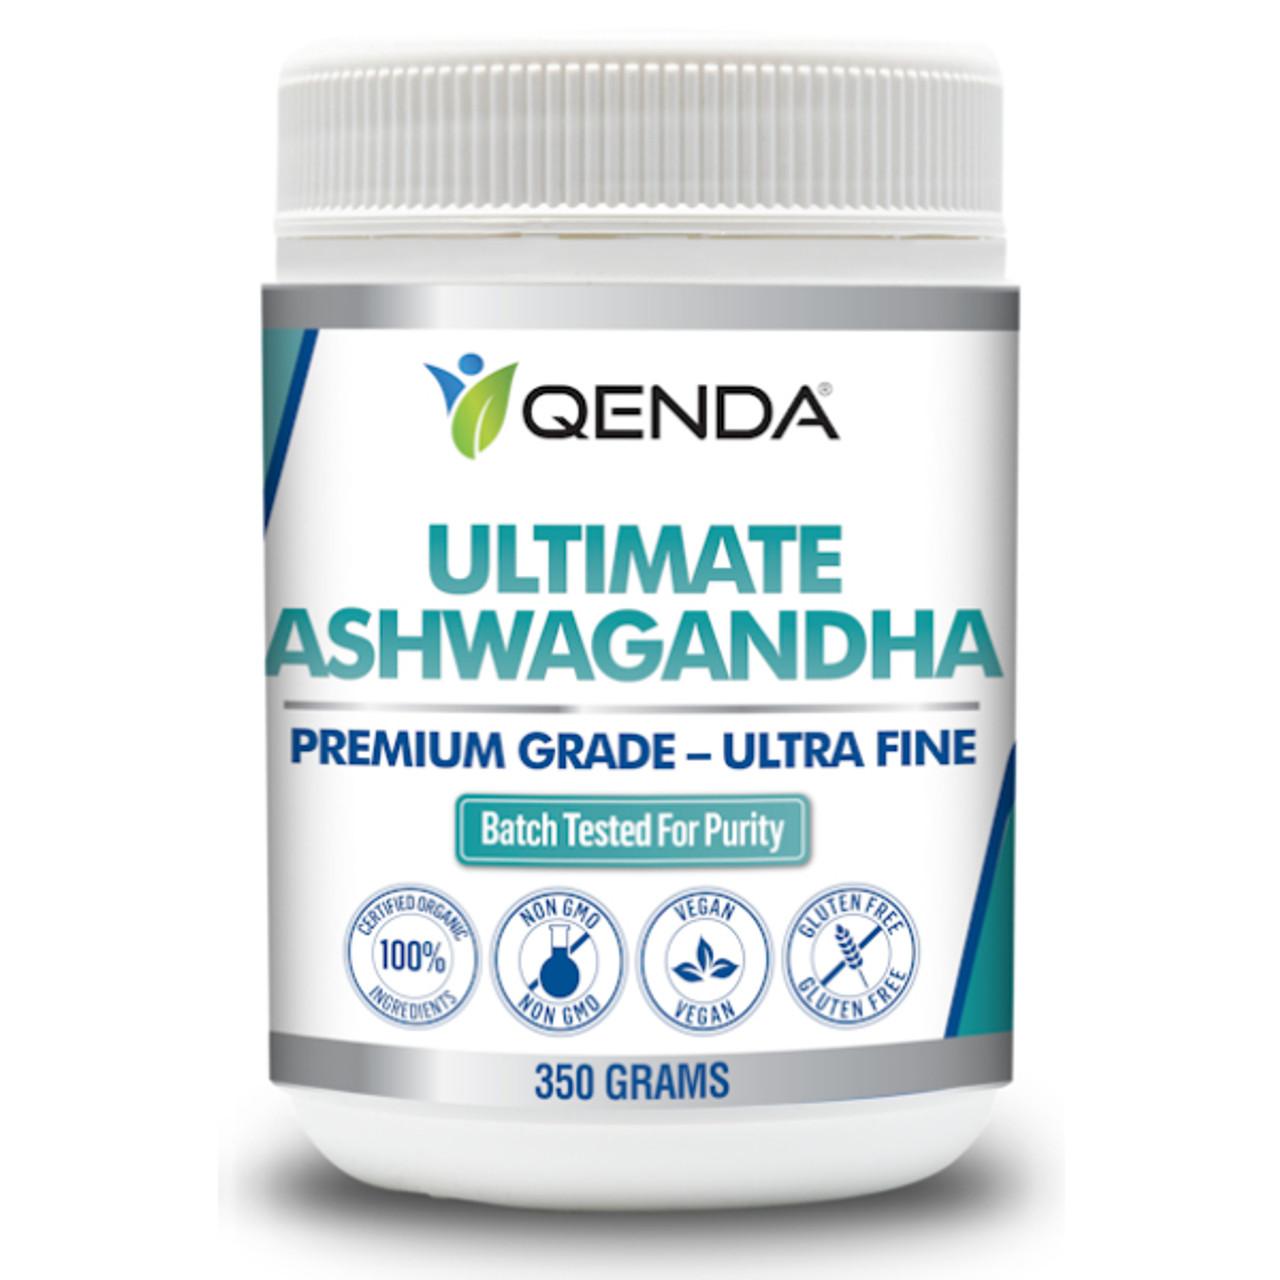 Qenda Ultimate Ashwagandha 350g